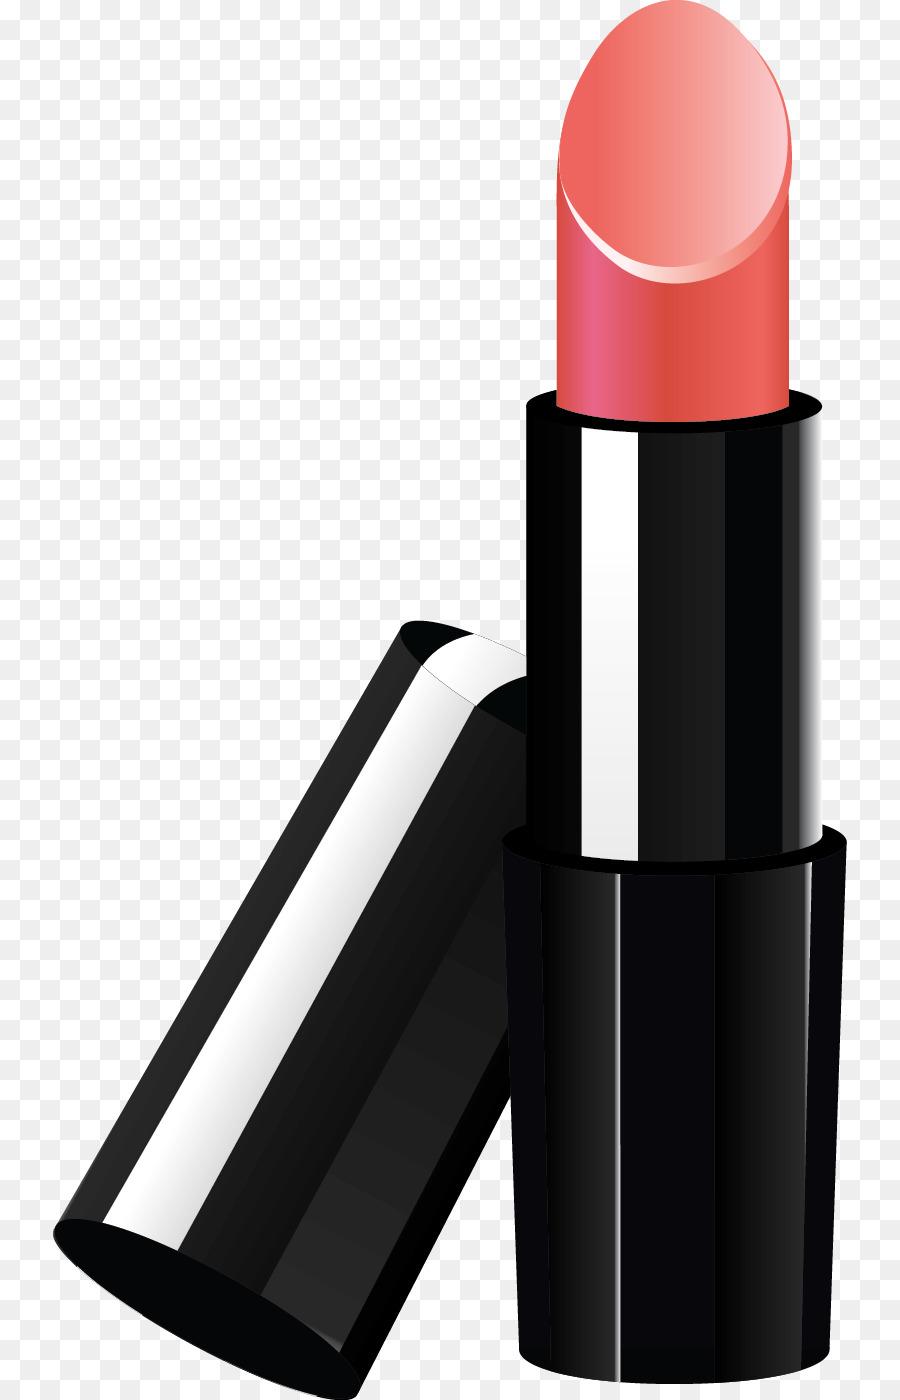 Chanel lipstick clipart